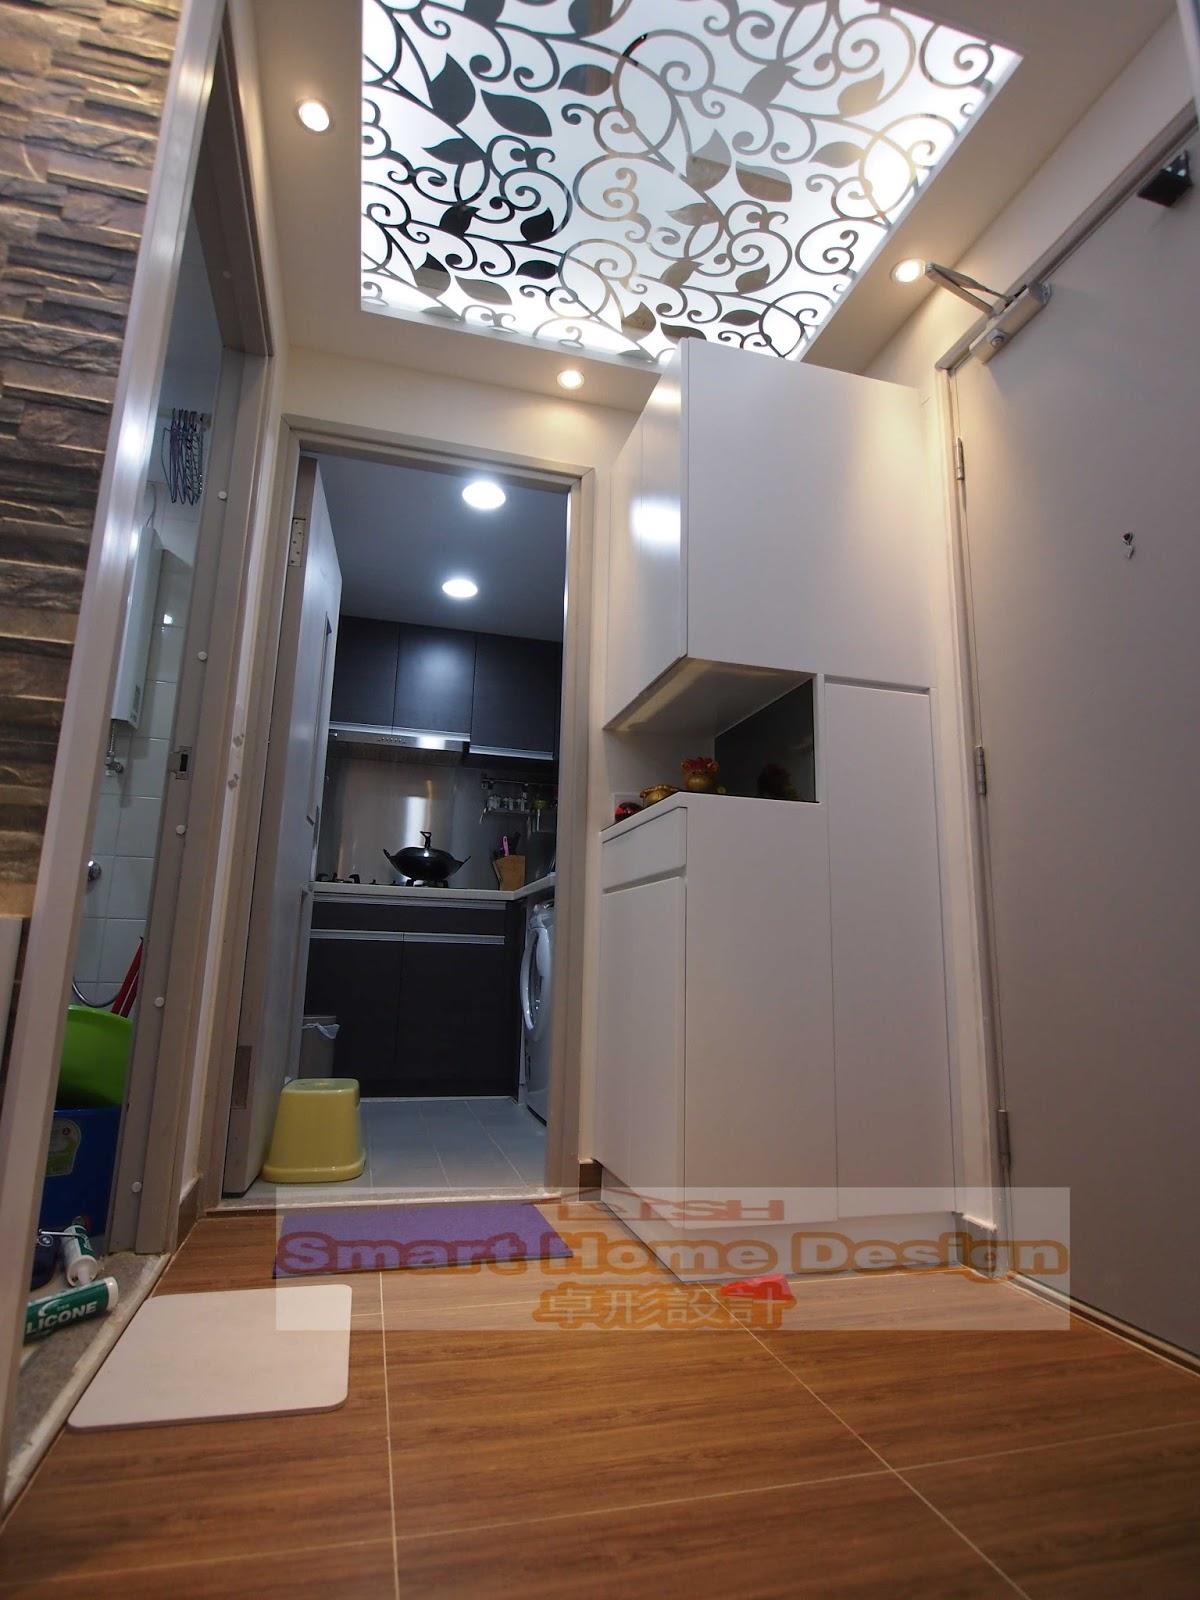 裝修/廚櫃/傢俬/卓形設計Smart Home Design: 新公屋裝修 水泉澳邨3-4人單位完工相分享